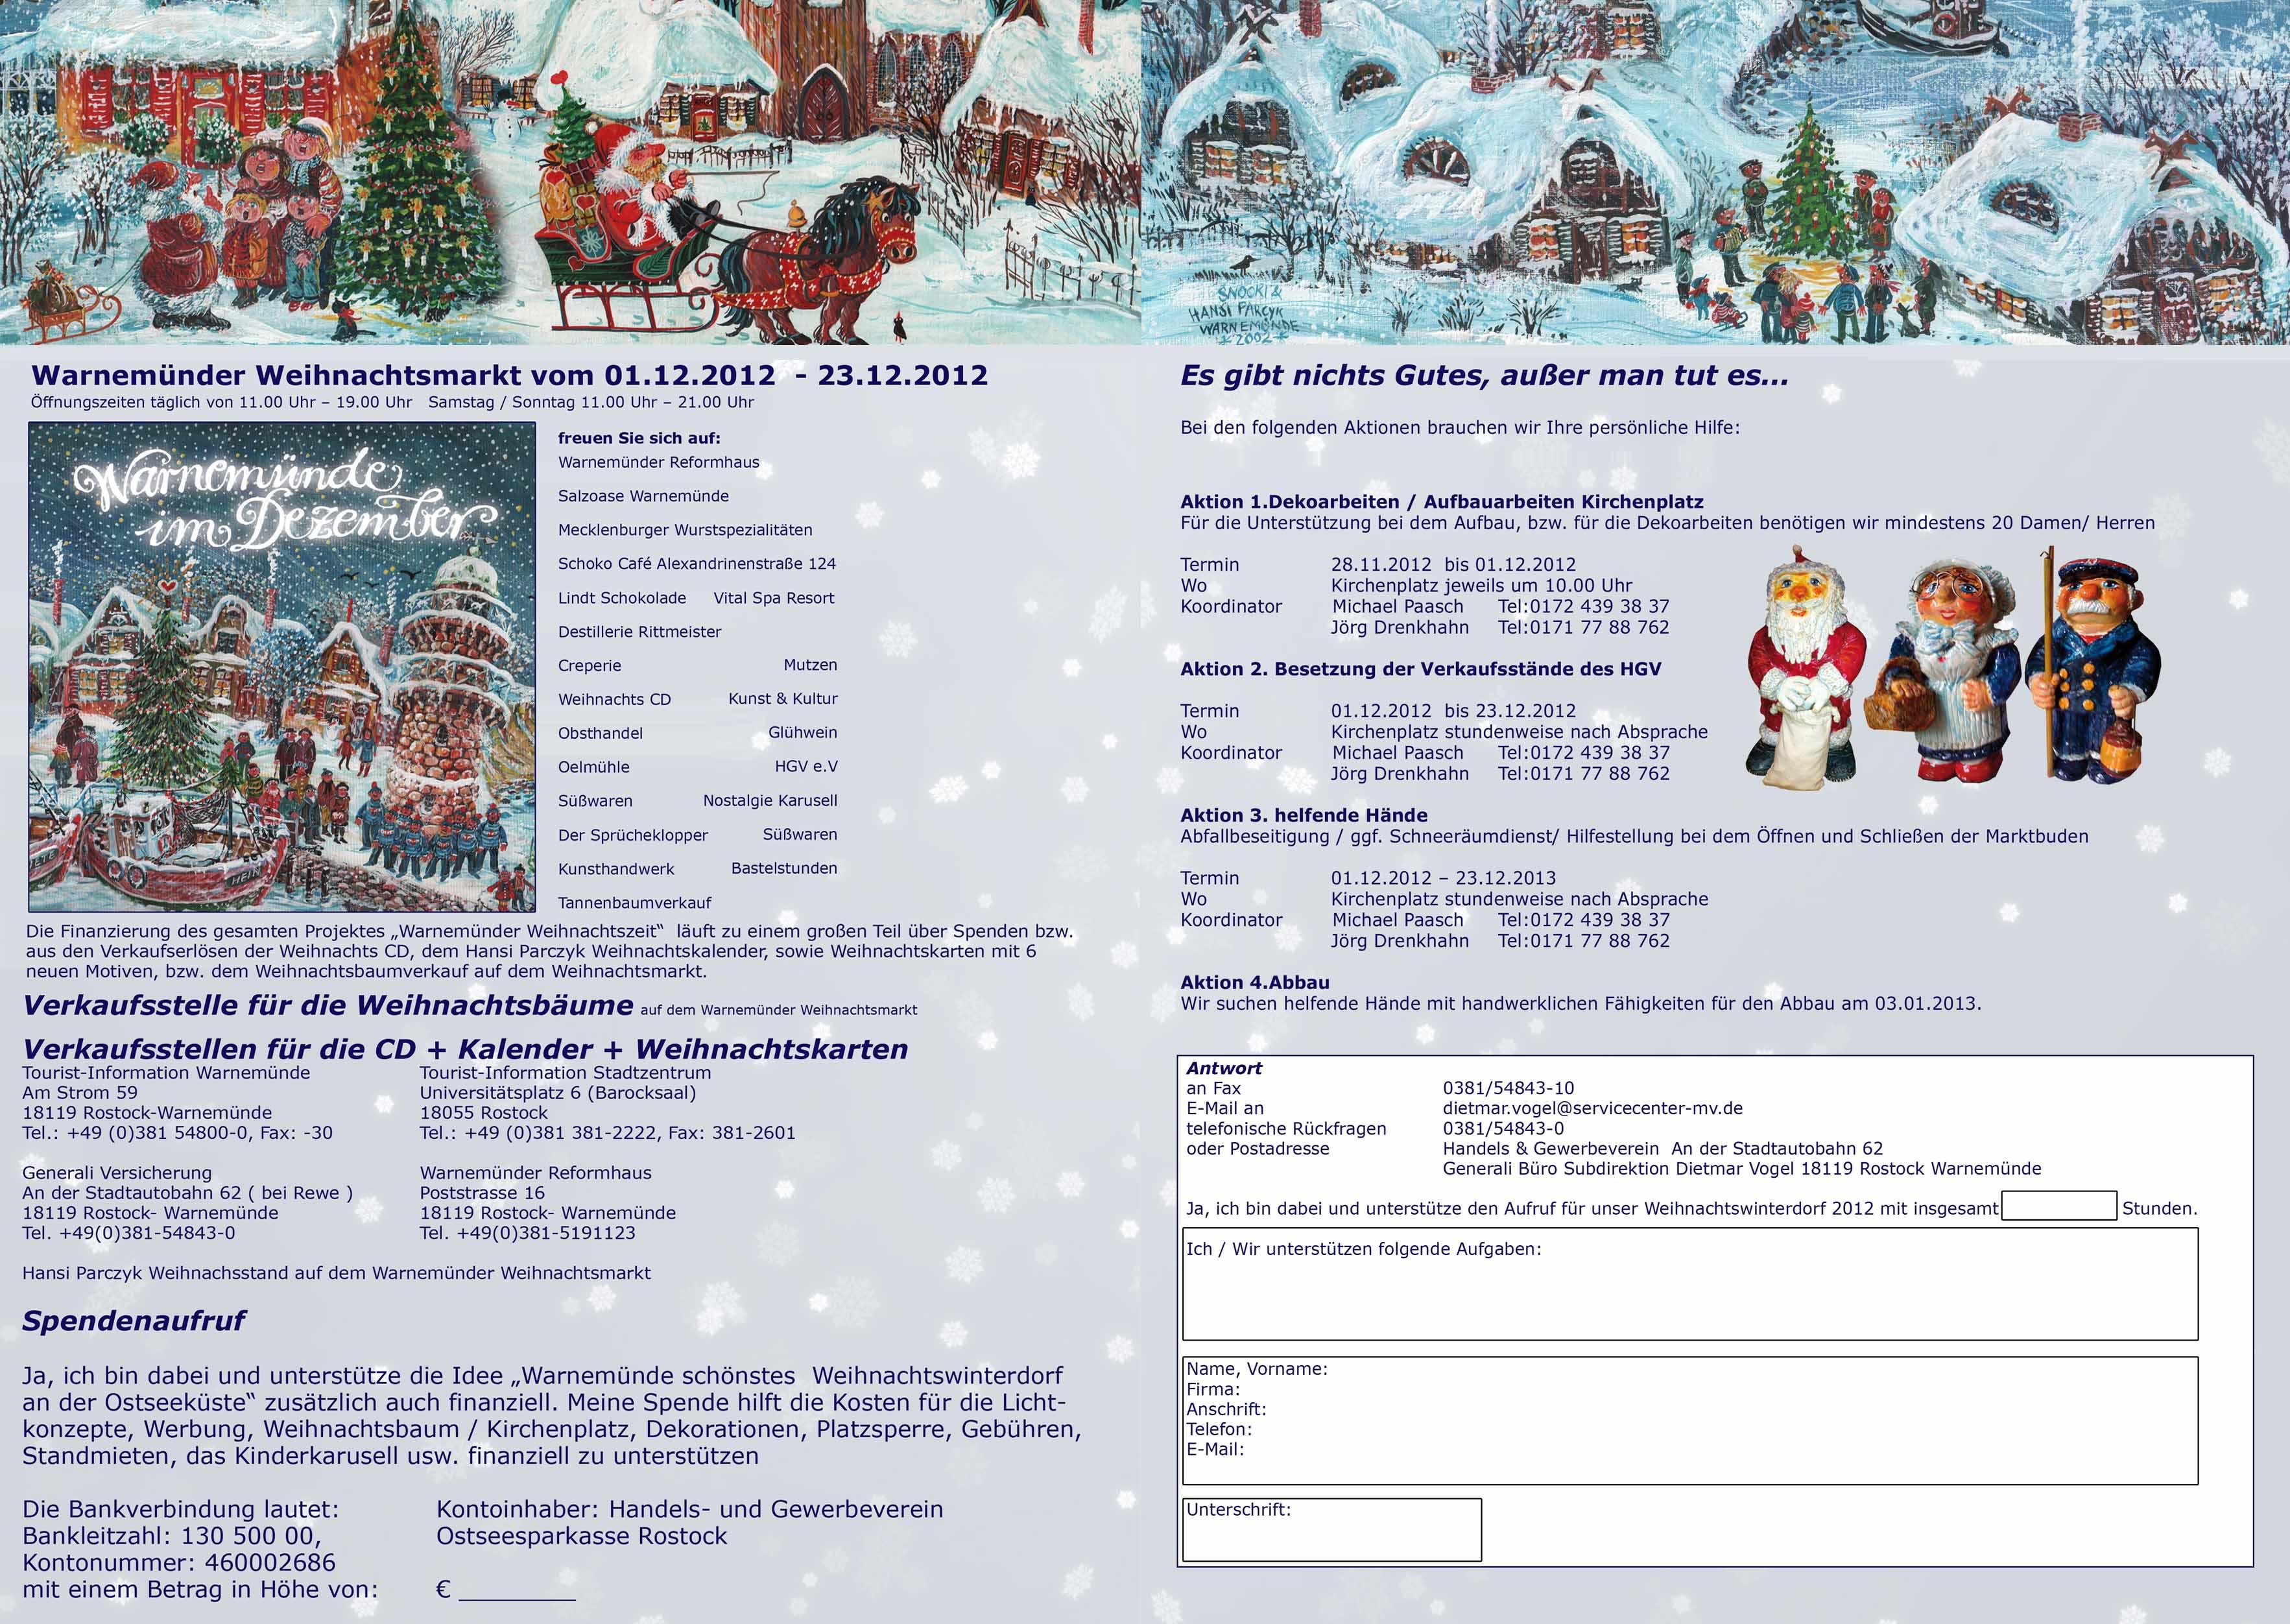 Spendenaufruf Warnemünder Weihnachtsmarkt 2012